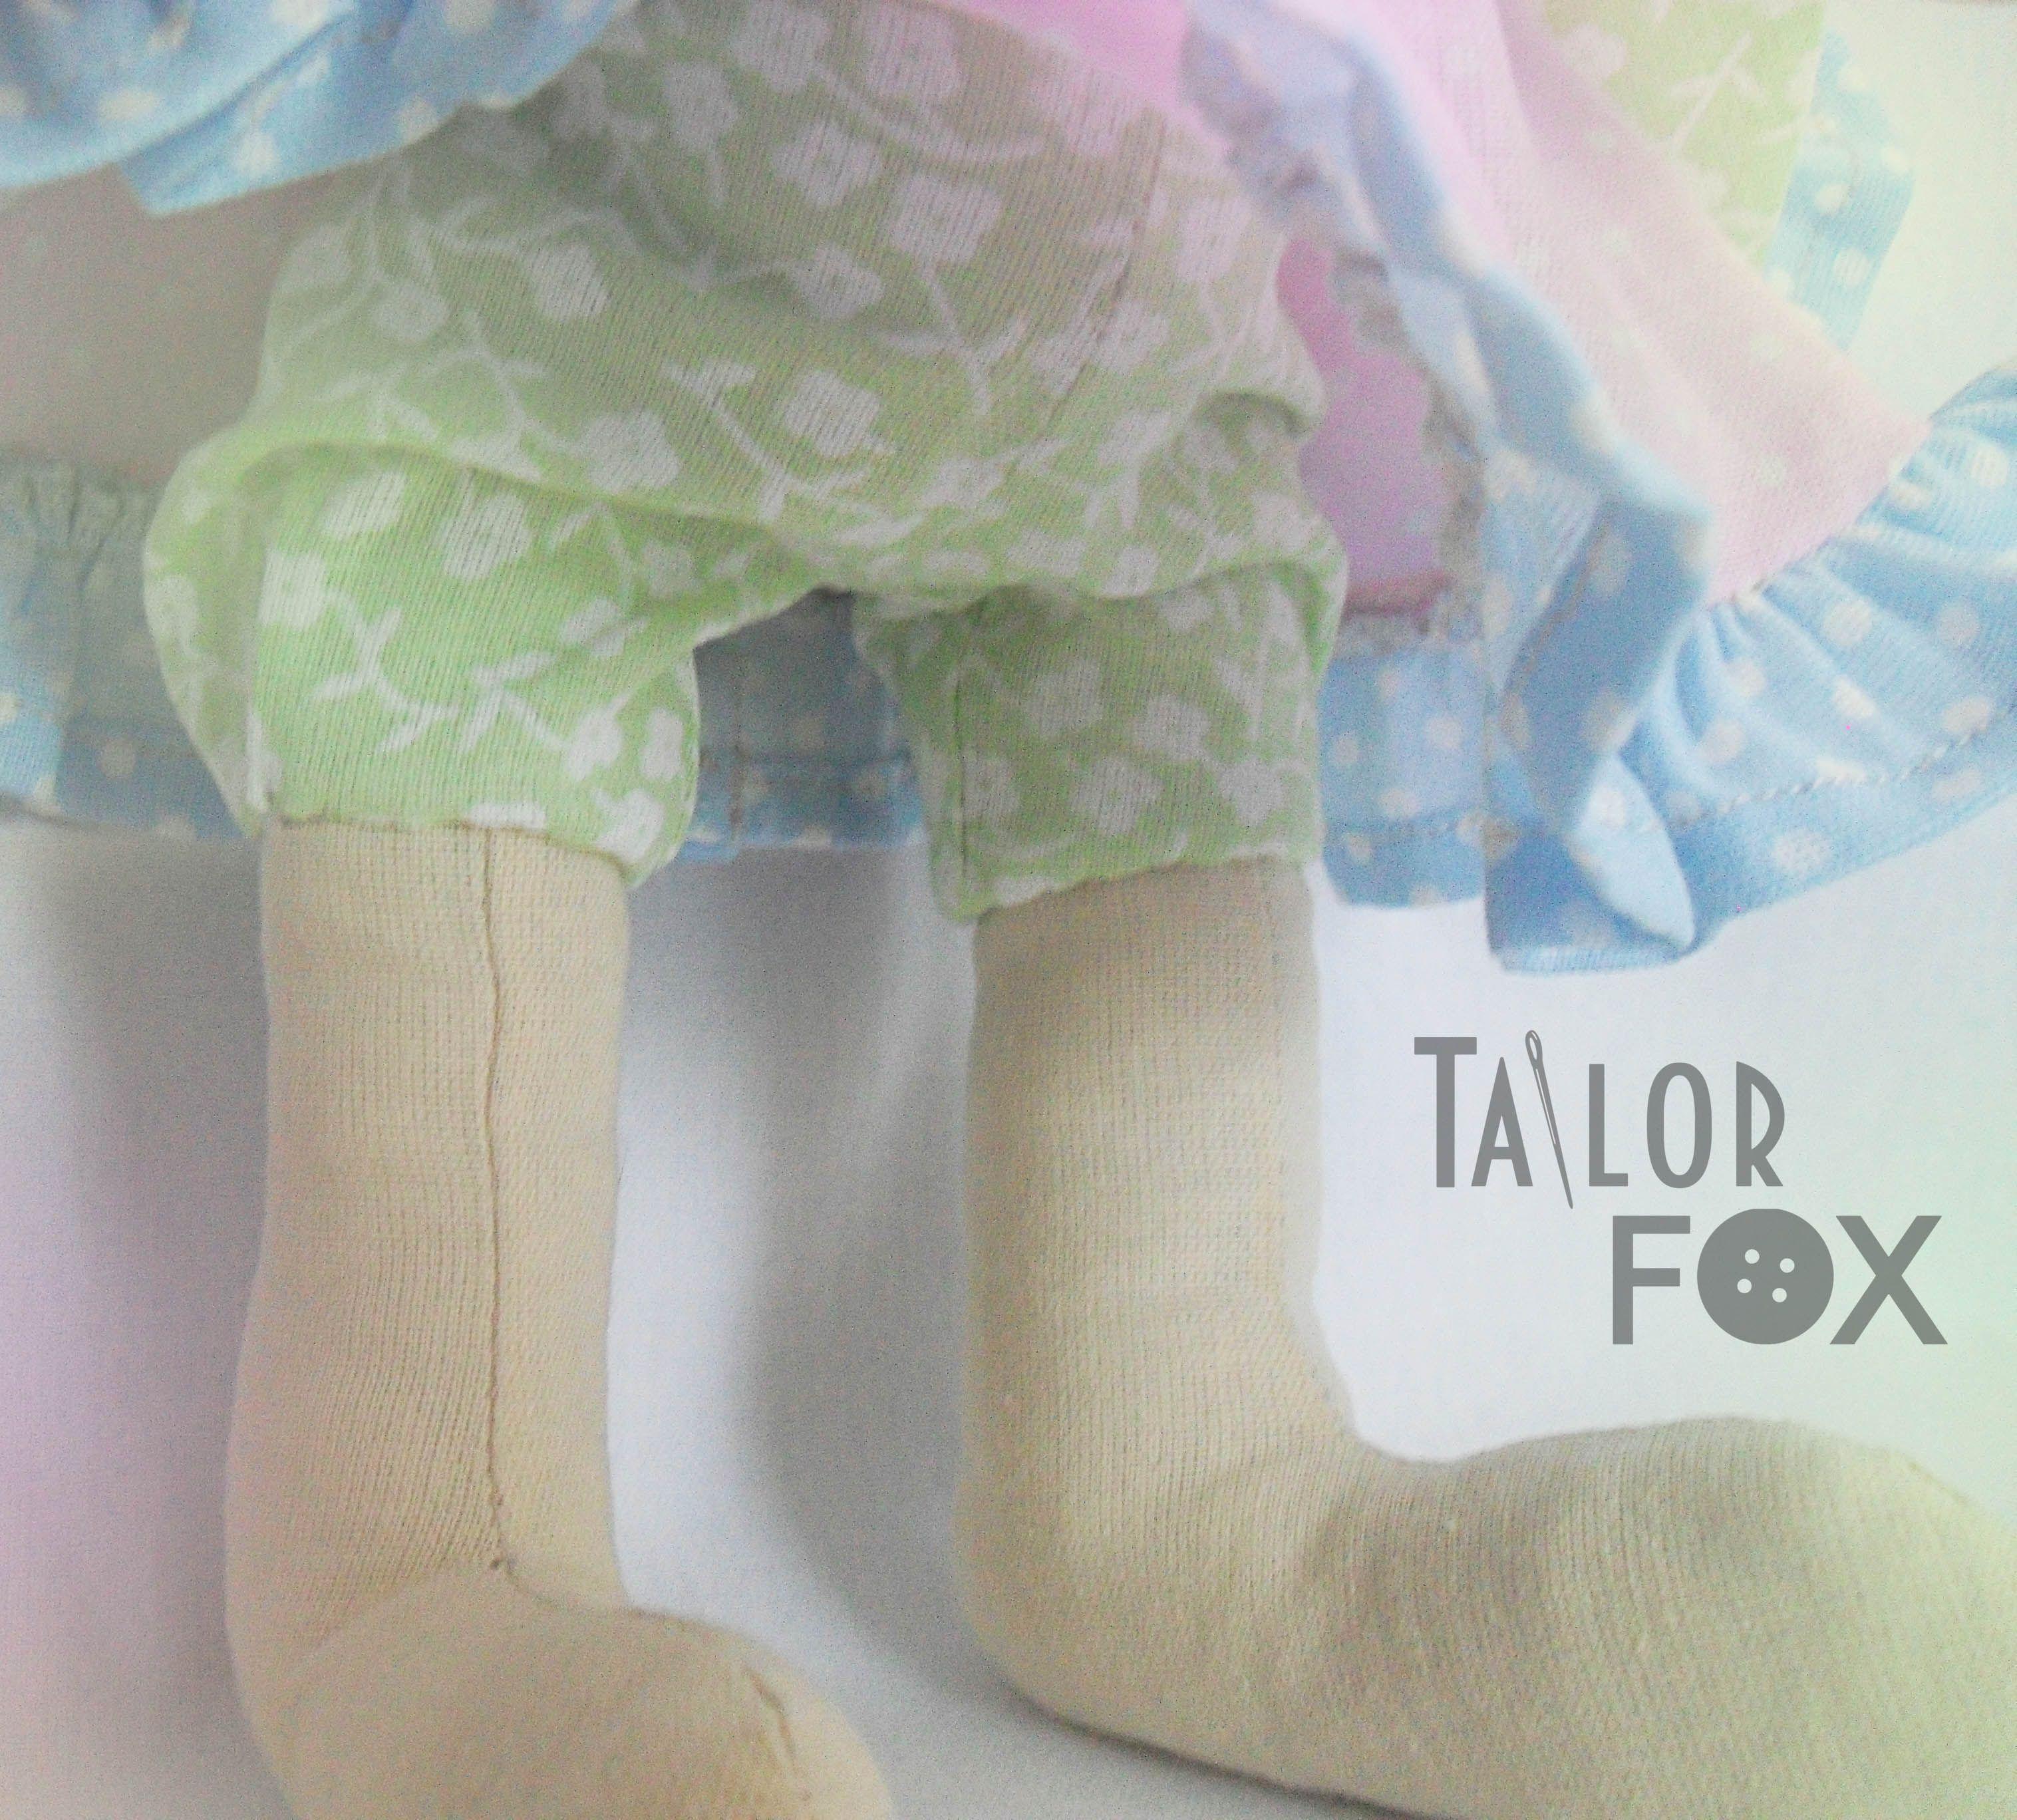 розовый заяц интерьерная зеленый тильдазаяц сделаносдушой мягкиеигрушки пастельныетона игрушка тильда шьюназаказ кукла работаназаказ ручнаяработа подарок